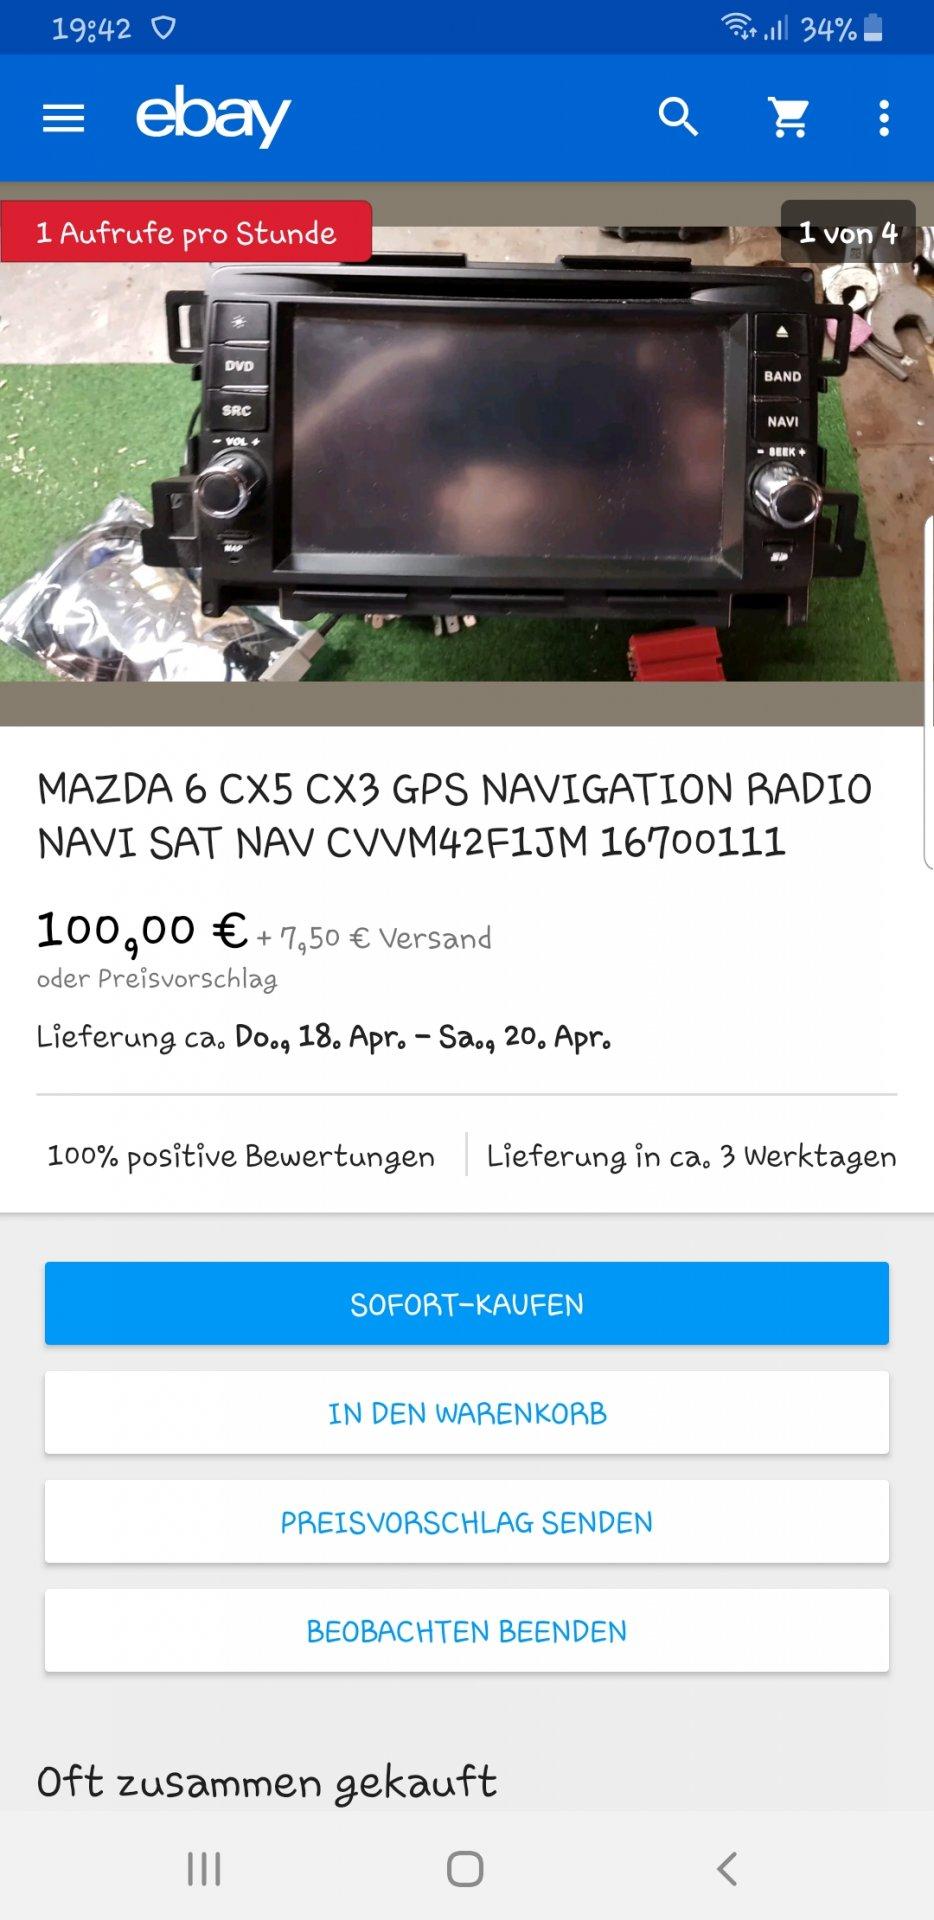 Screenshot_20190415-194241_eBay.jpg